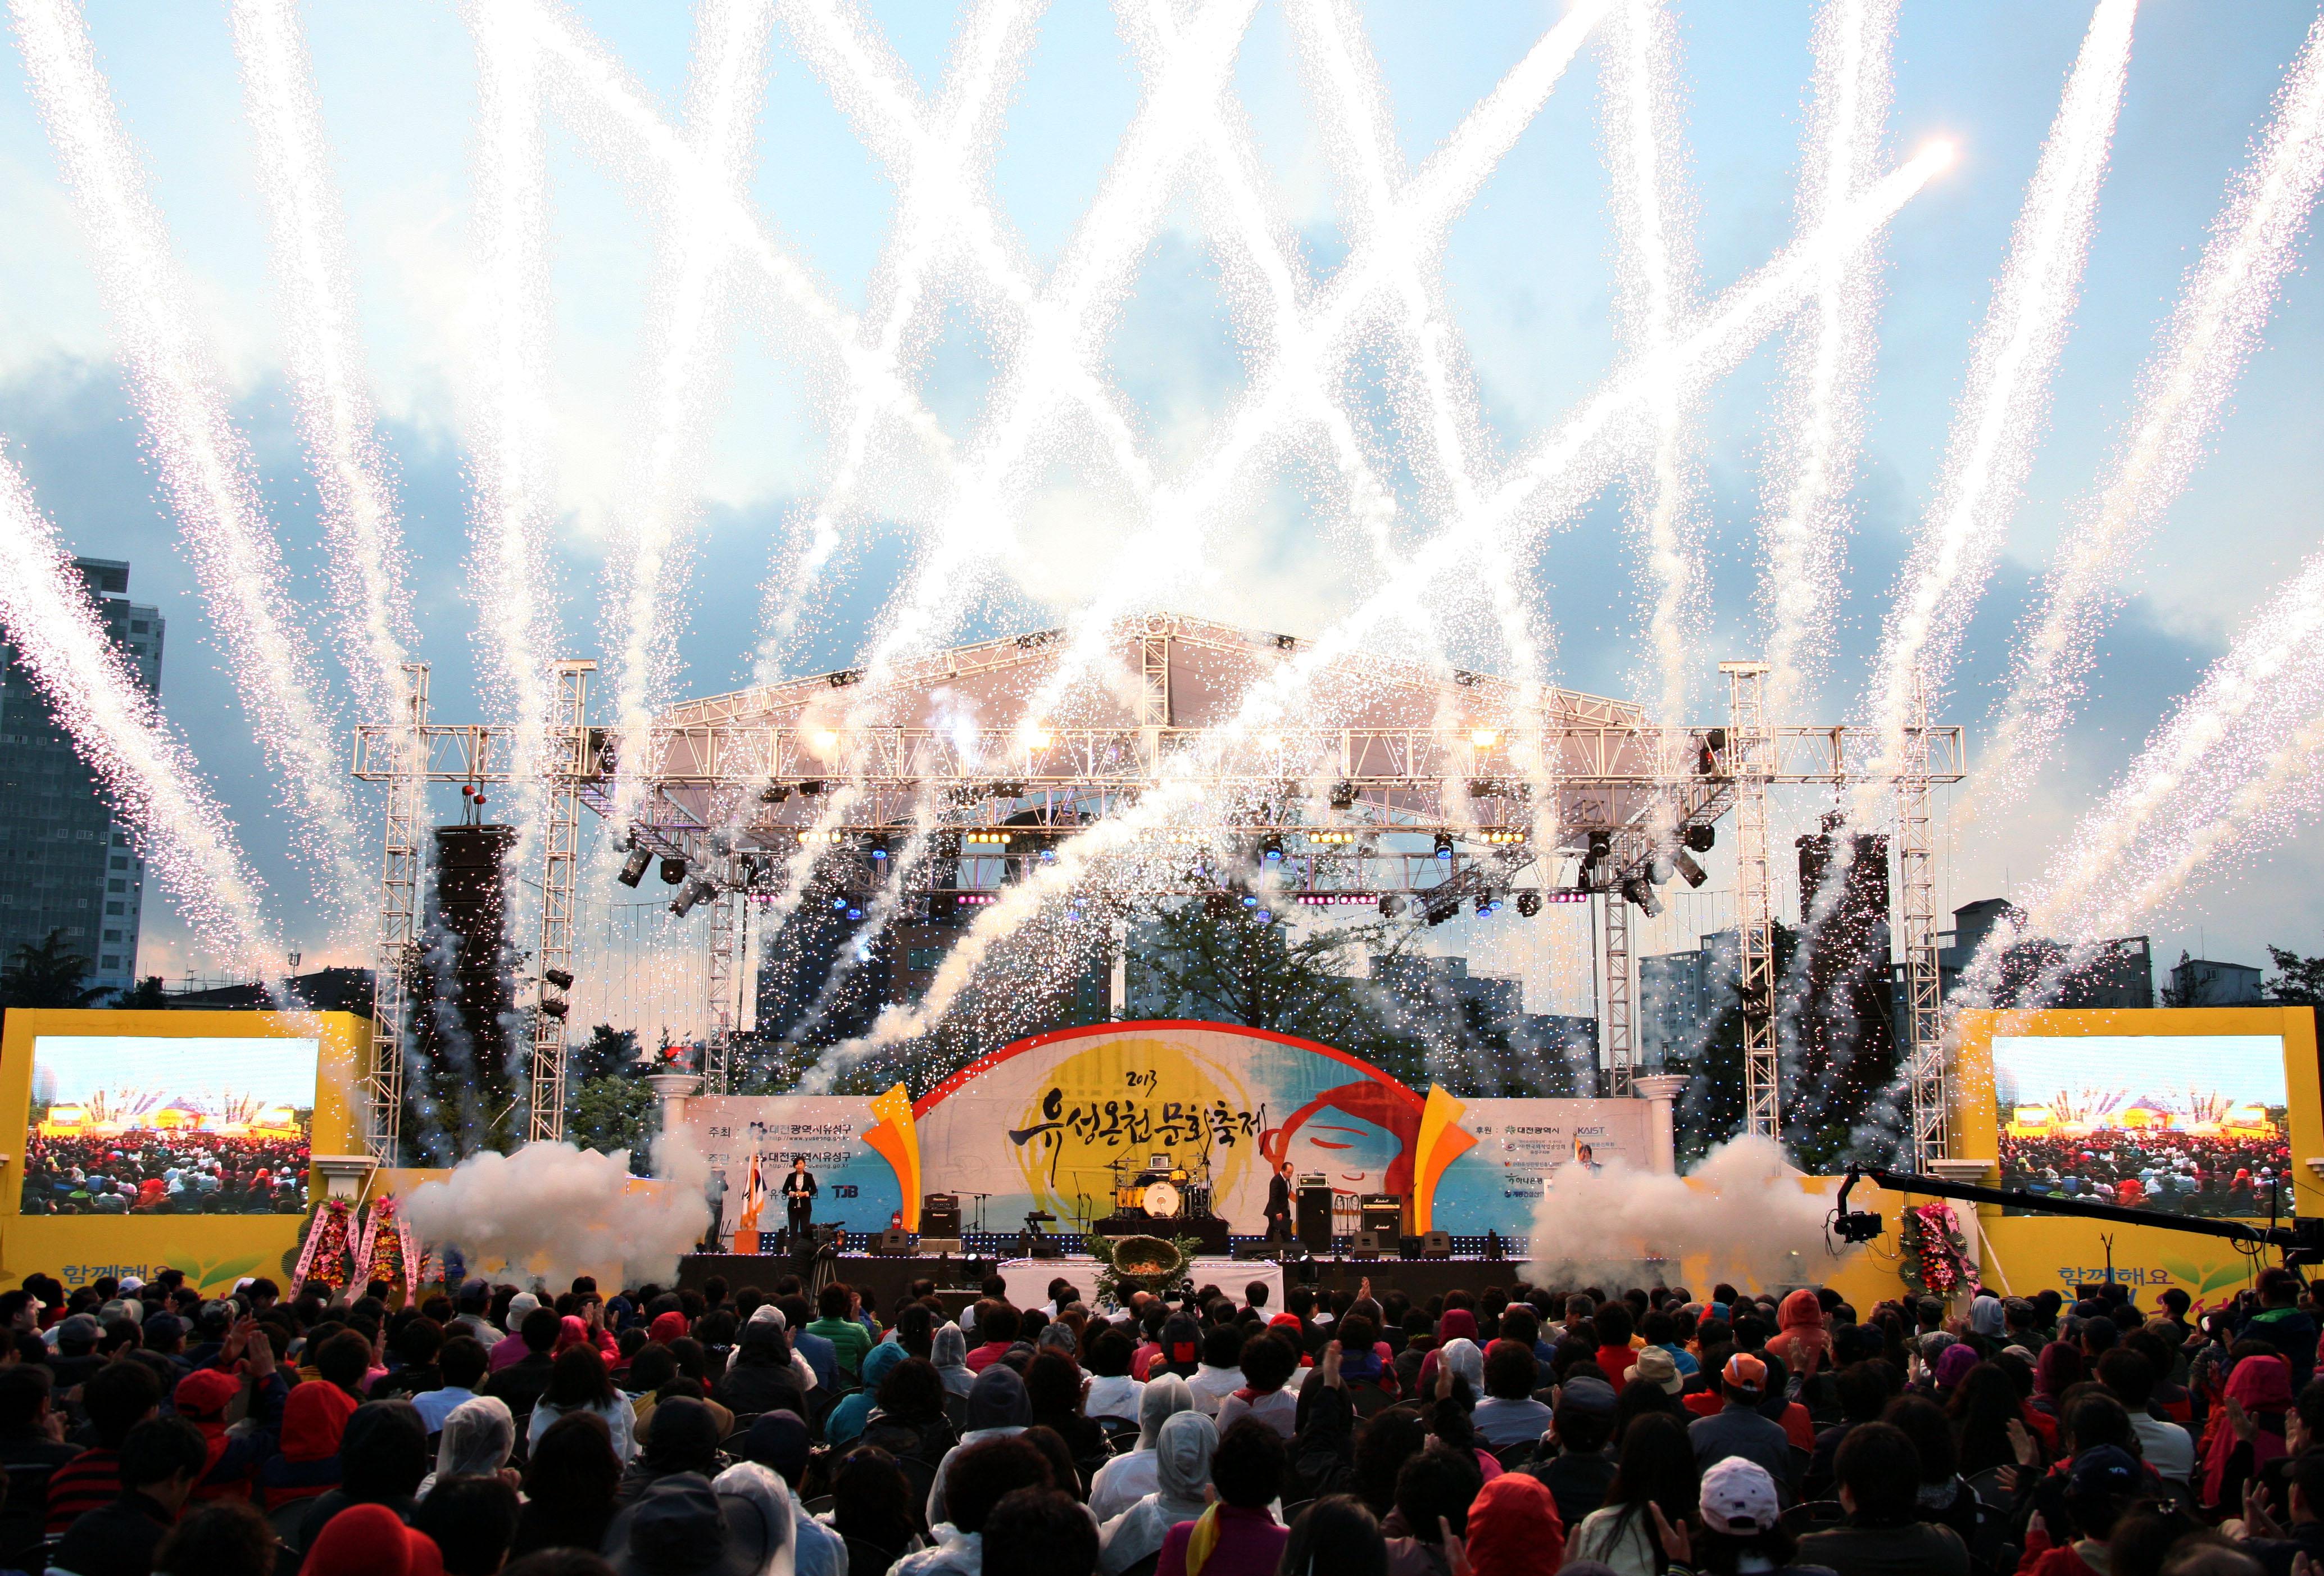 유성온천문화축제,지역축제,축제정보